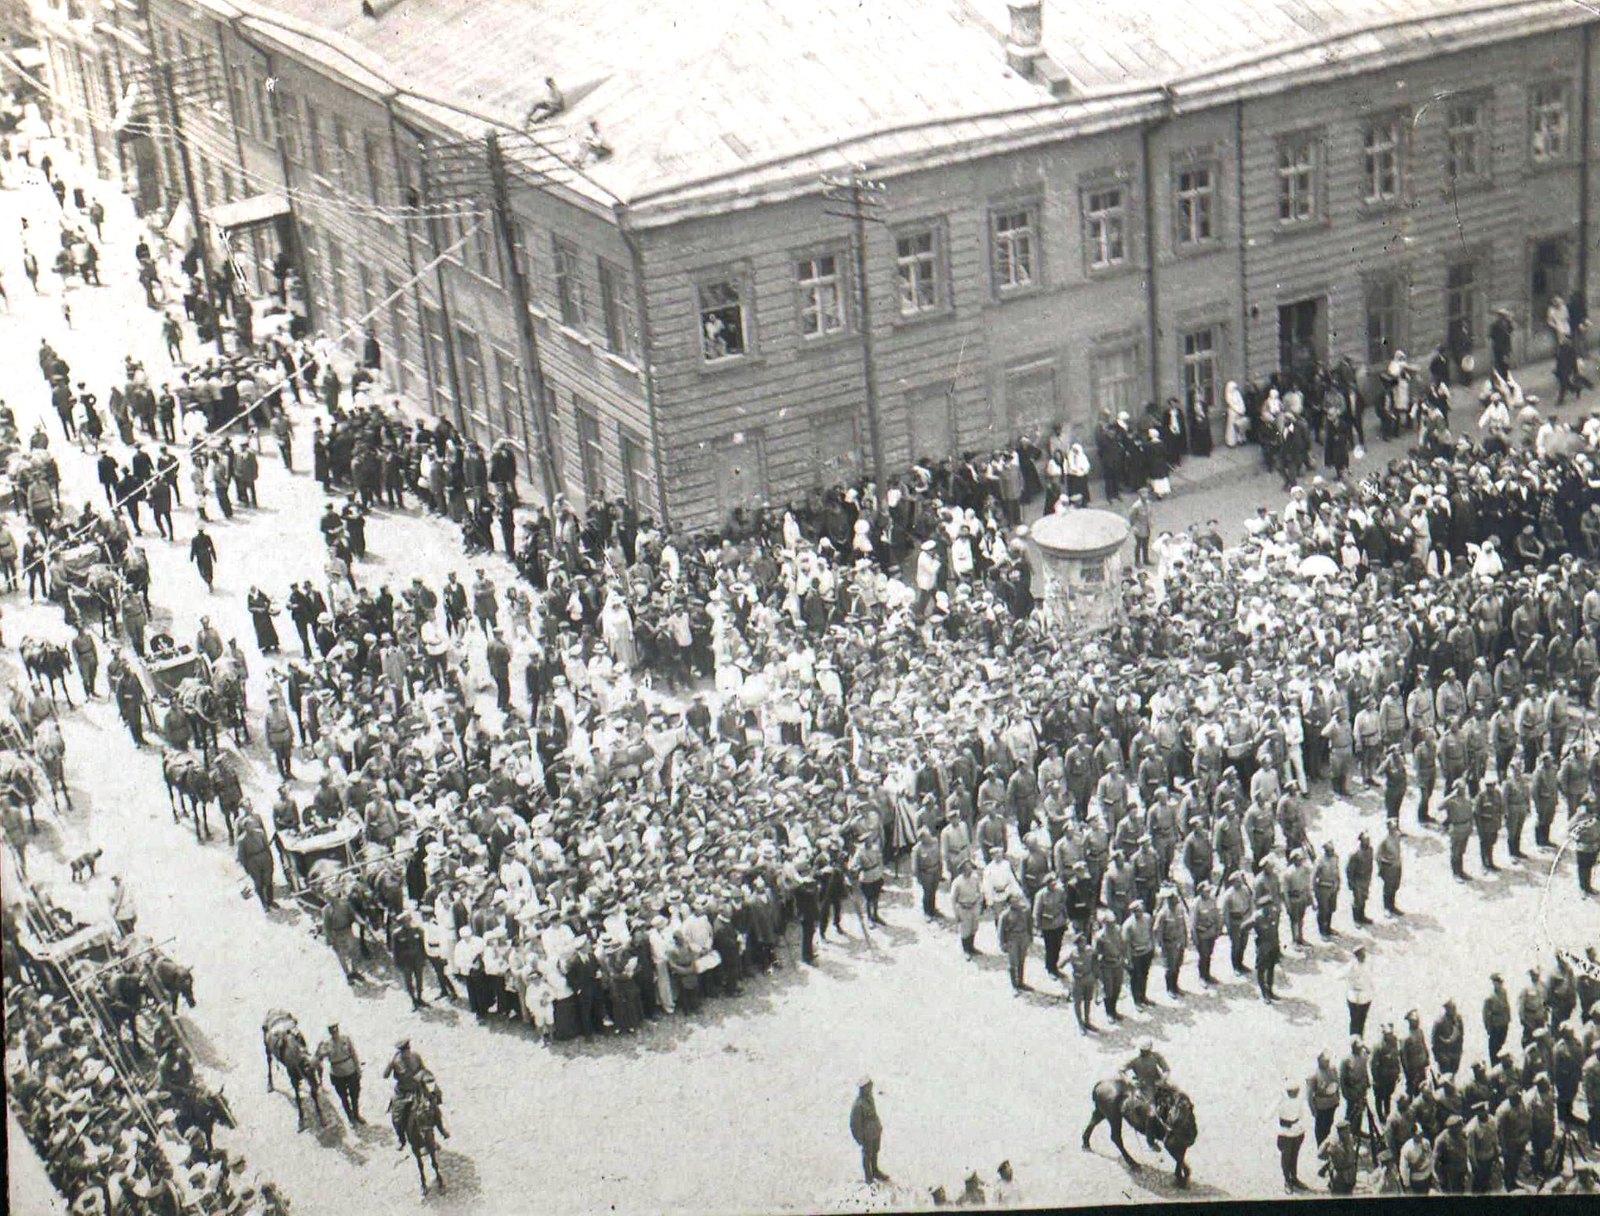 142. 1919. Панихида по павшим воинам в Харькове, июнь